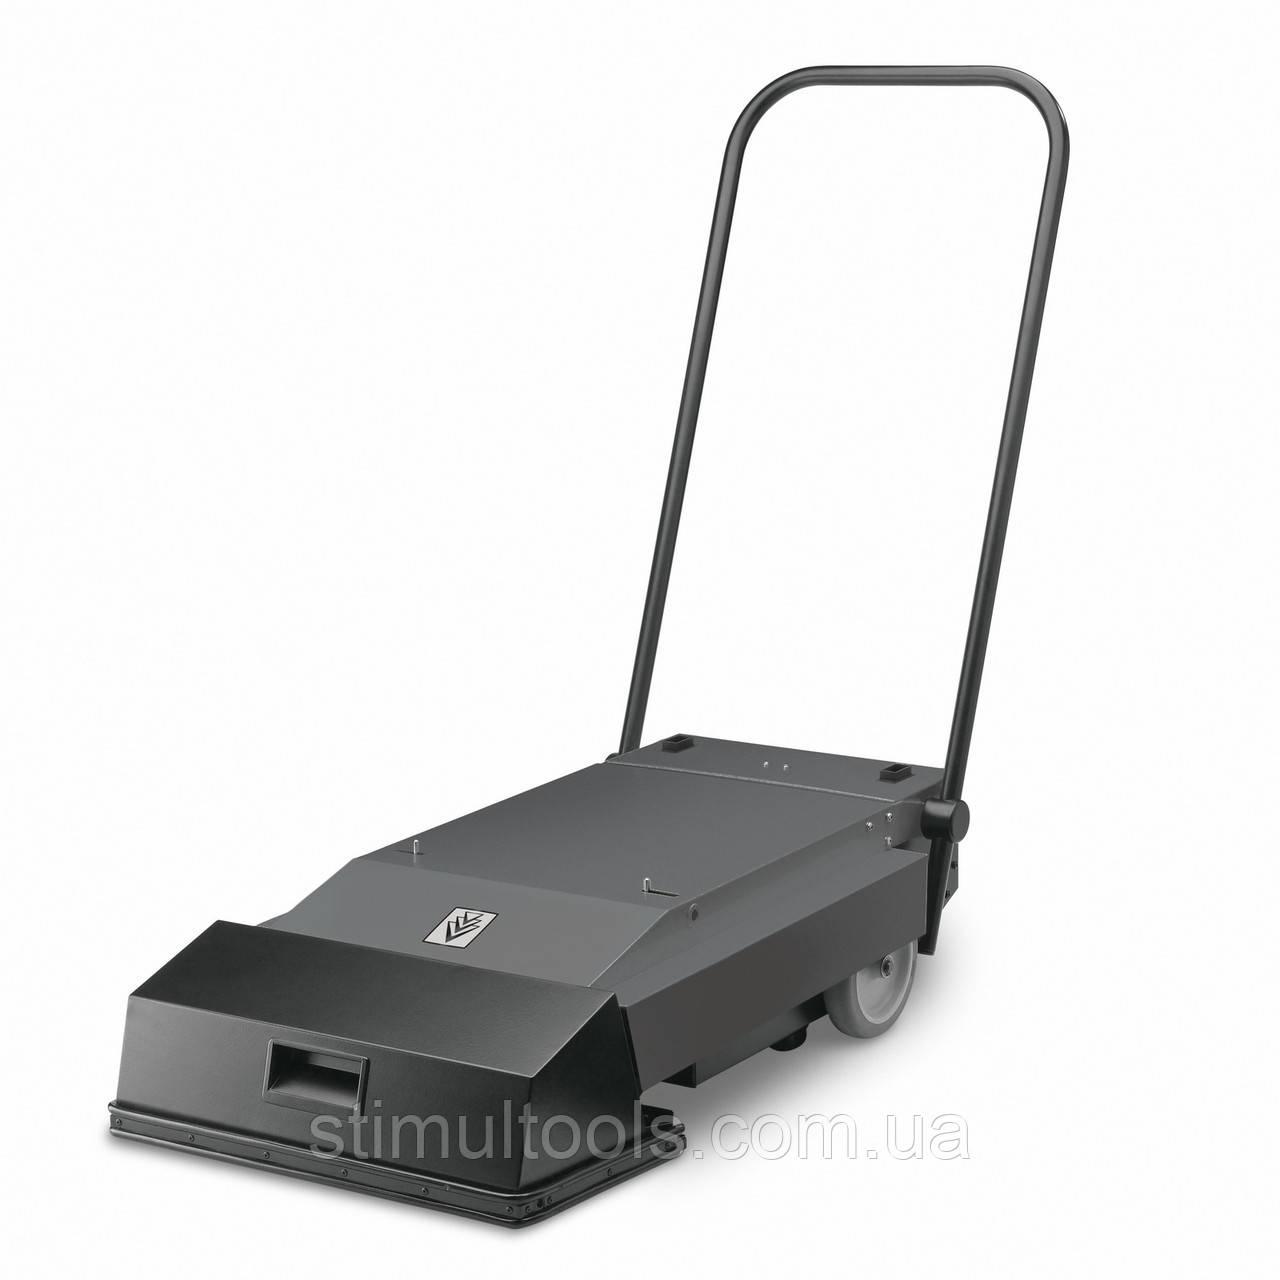 Апарат для очищення сходів і ескалаторів Kärcher BR 45/10 Esc